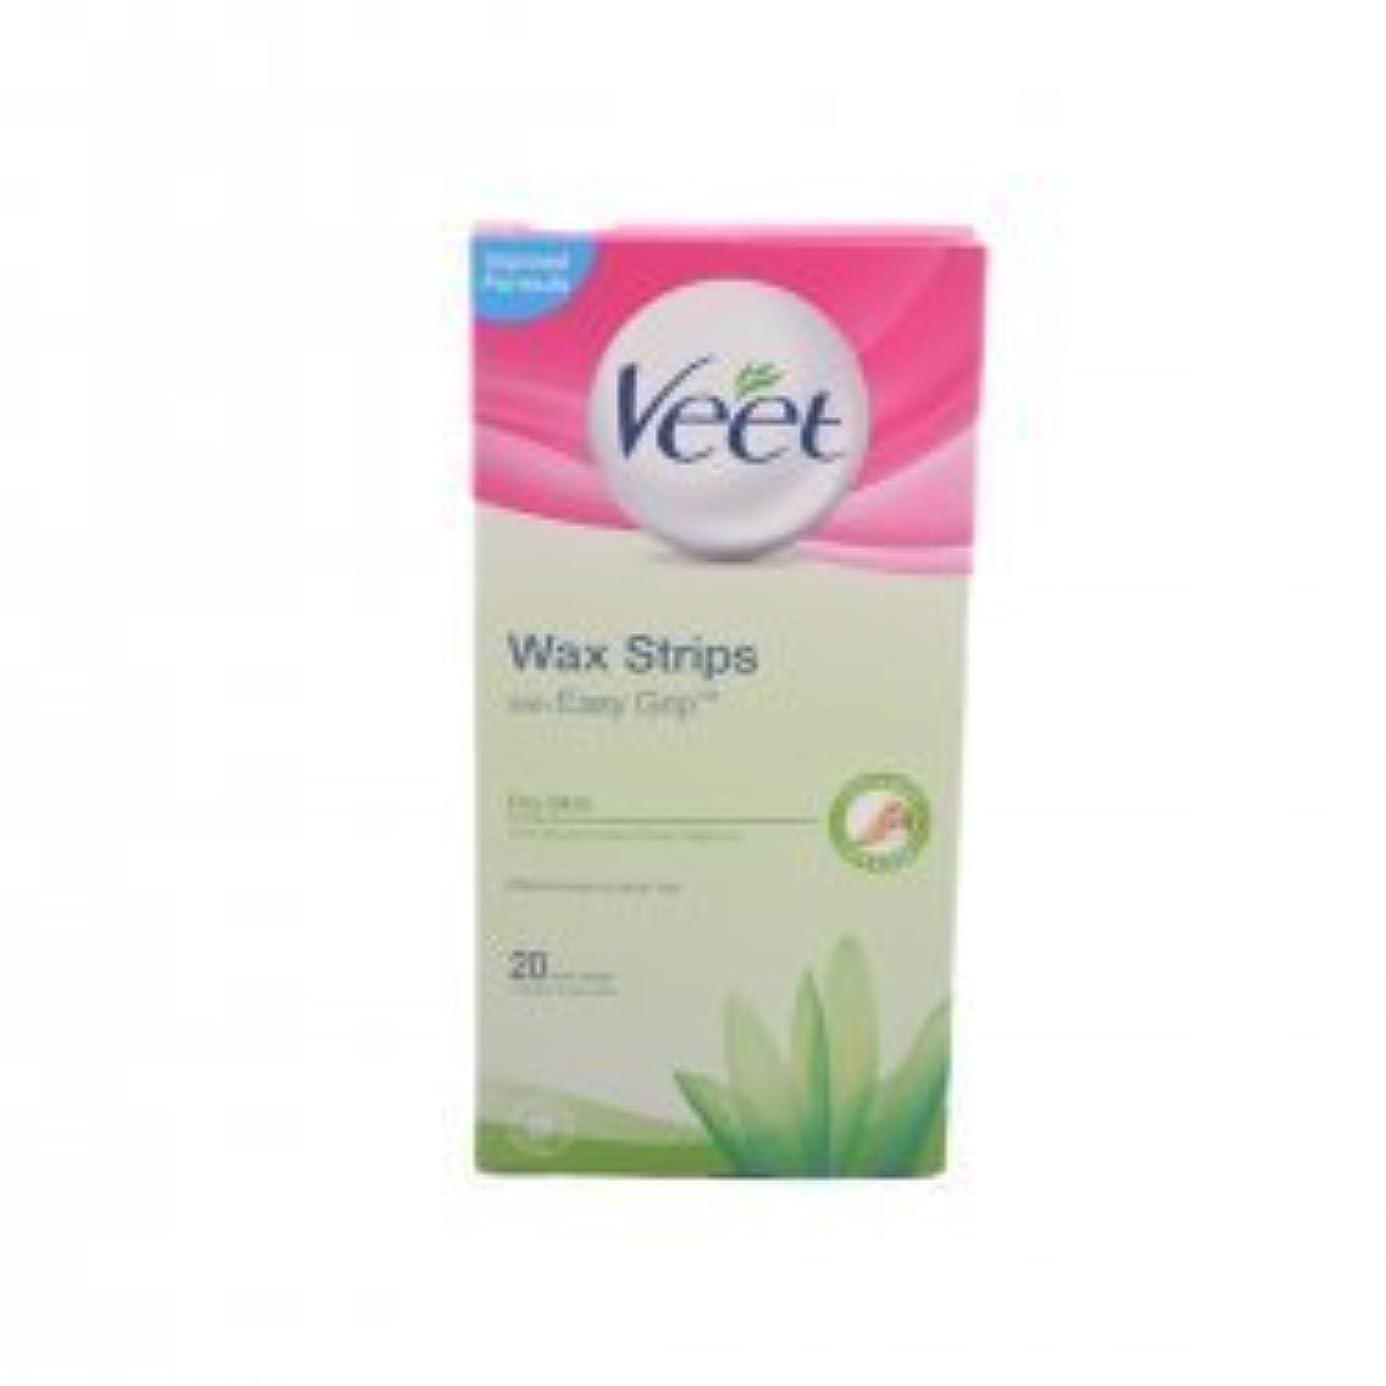 交通渋滞価値マスクVeet For Men Cold Wax Strips Hair removal strips by Veet [並行輸入品]